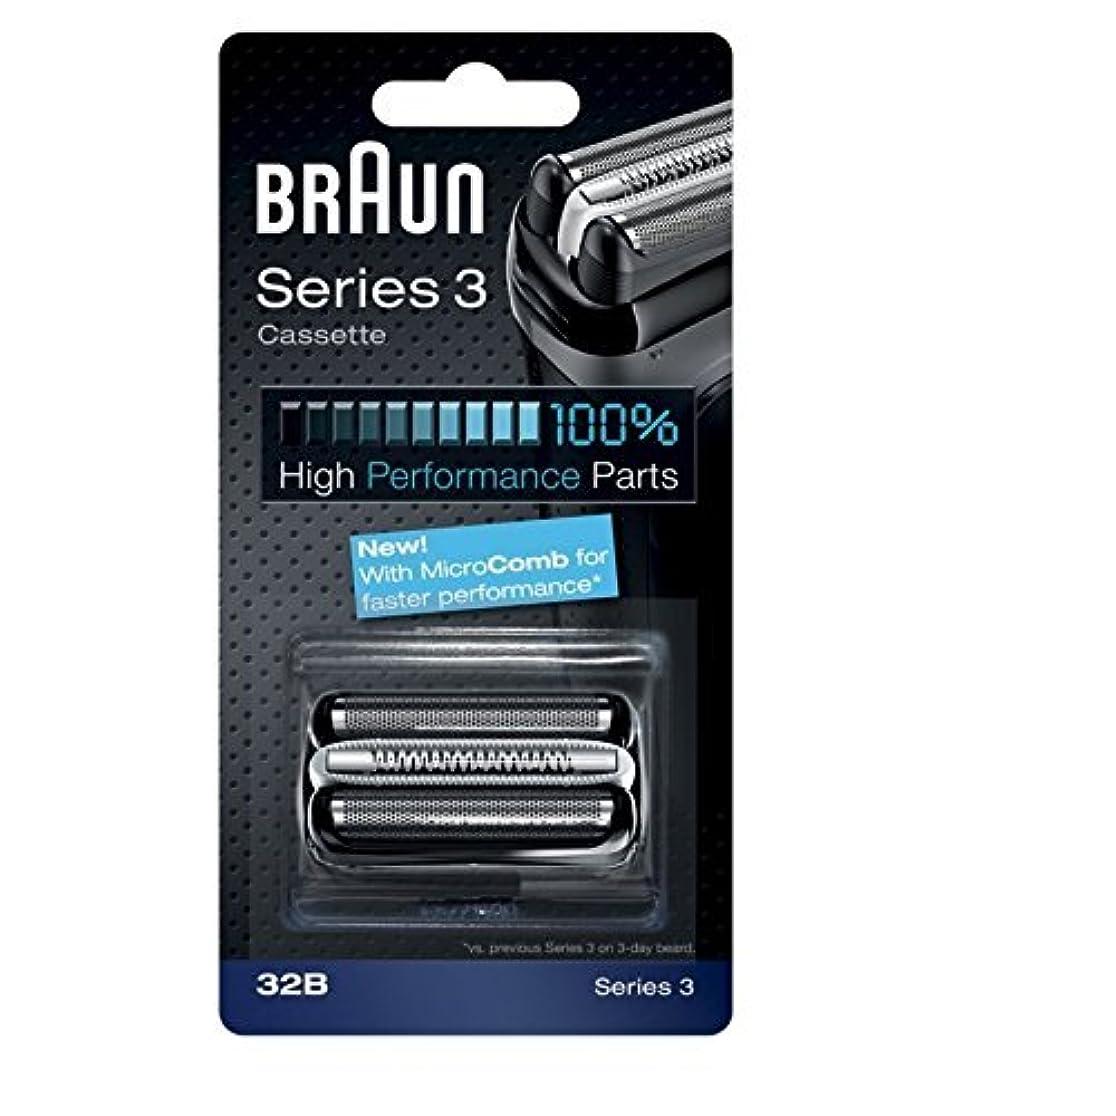 アプライアンス単位思想Braun razor Replacement Foil & Cutter Cassette 32B Series 3 320 330 340 350CC black shaving heads [並行輸入品]